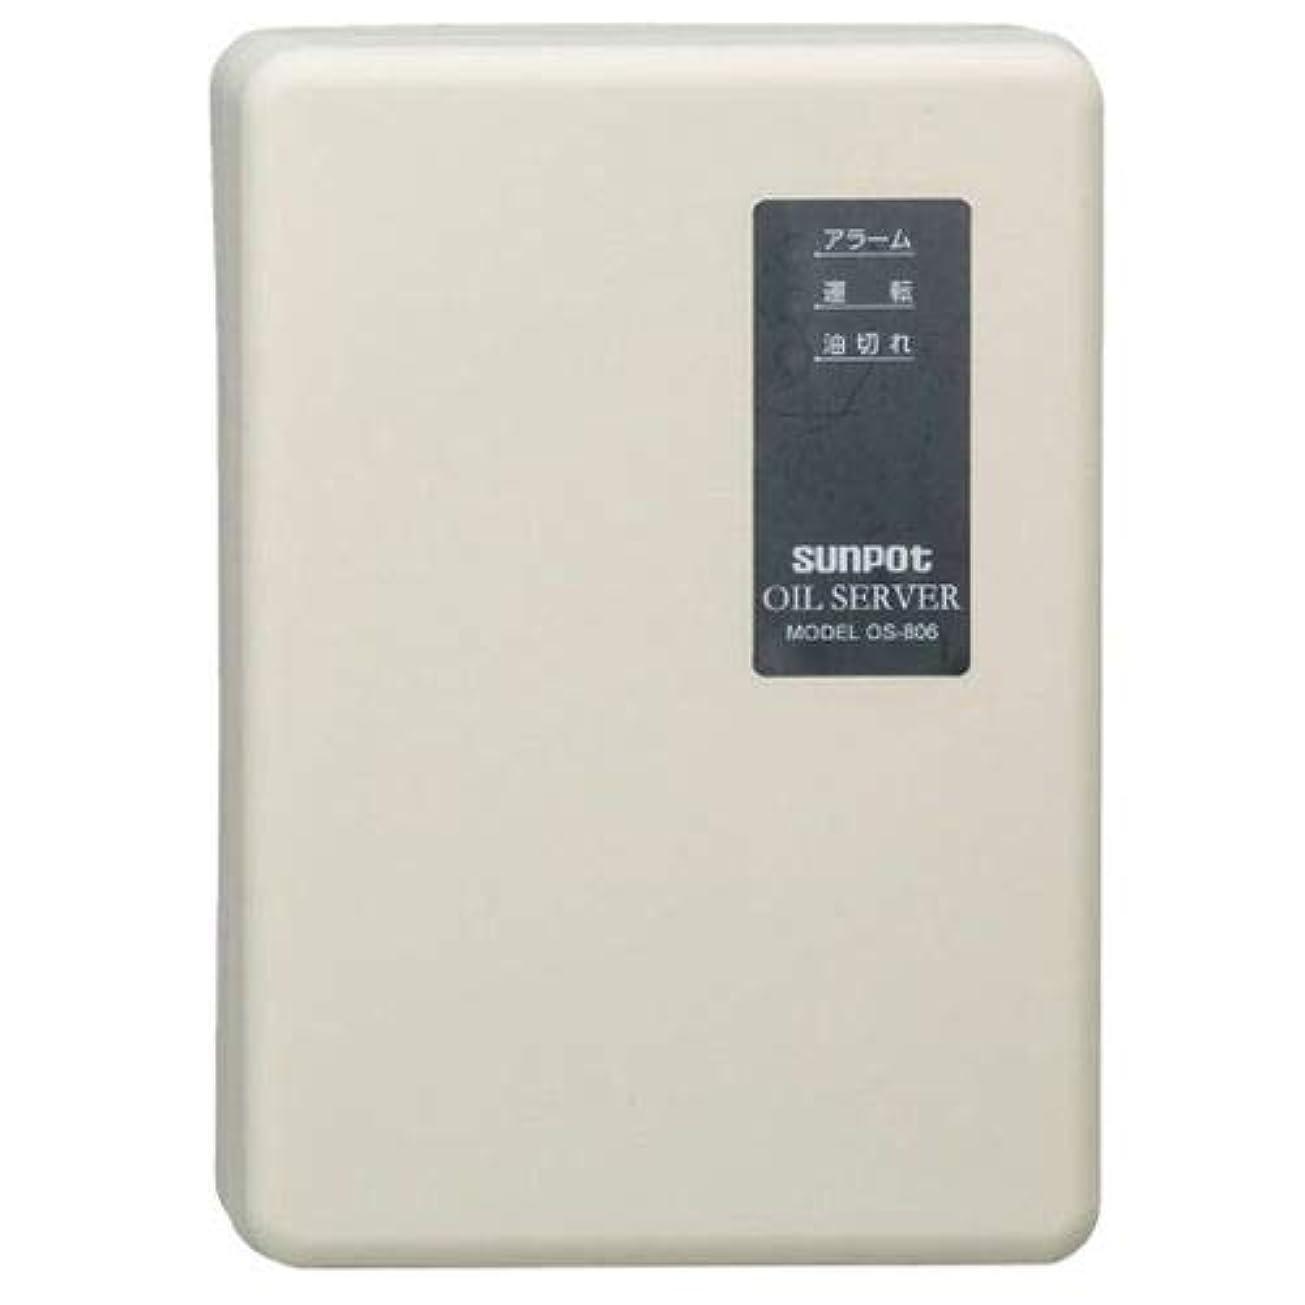 満員味方データム屋外用オイルサーバー OS-806U 屋外用